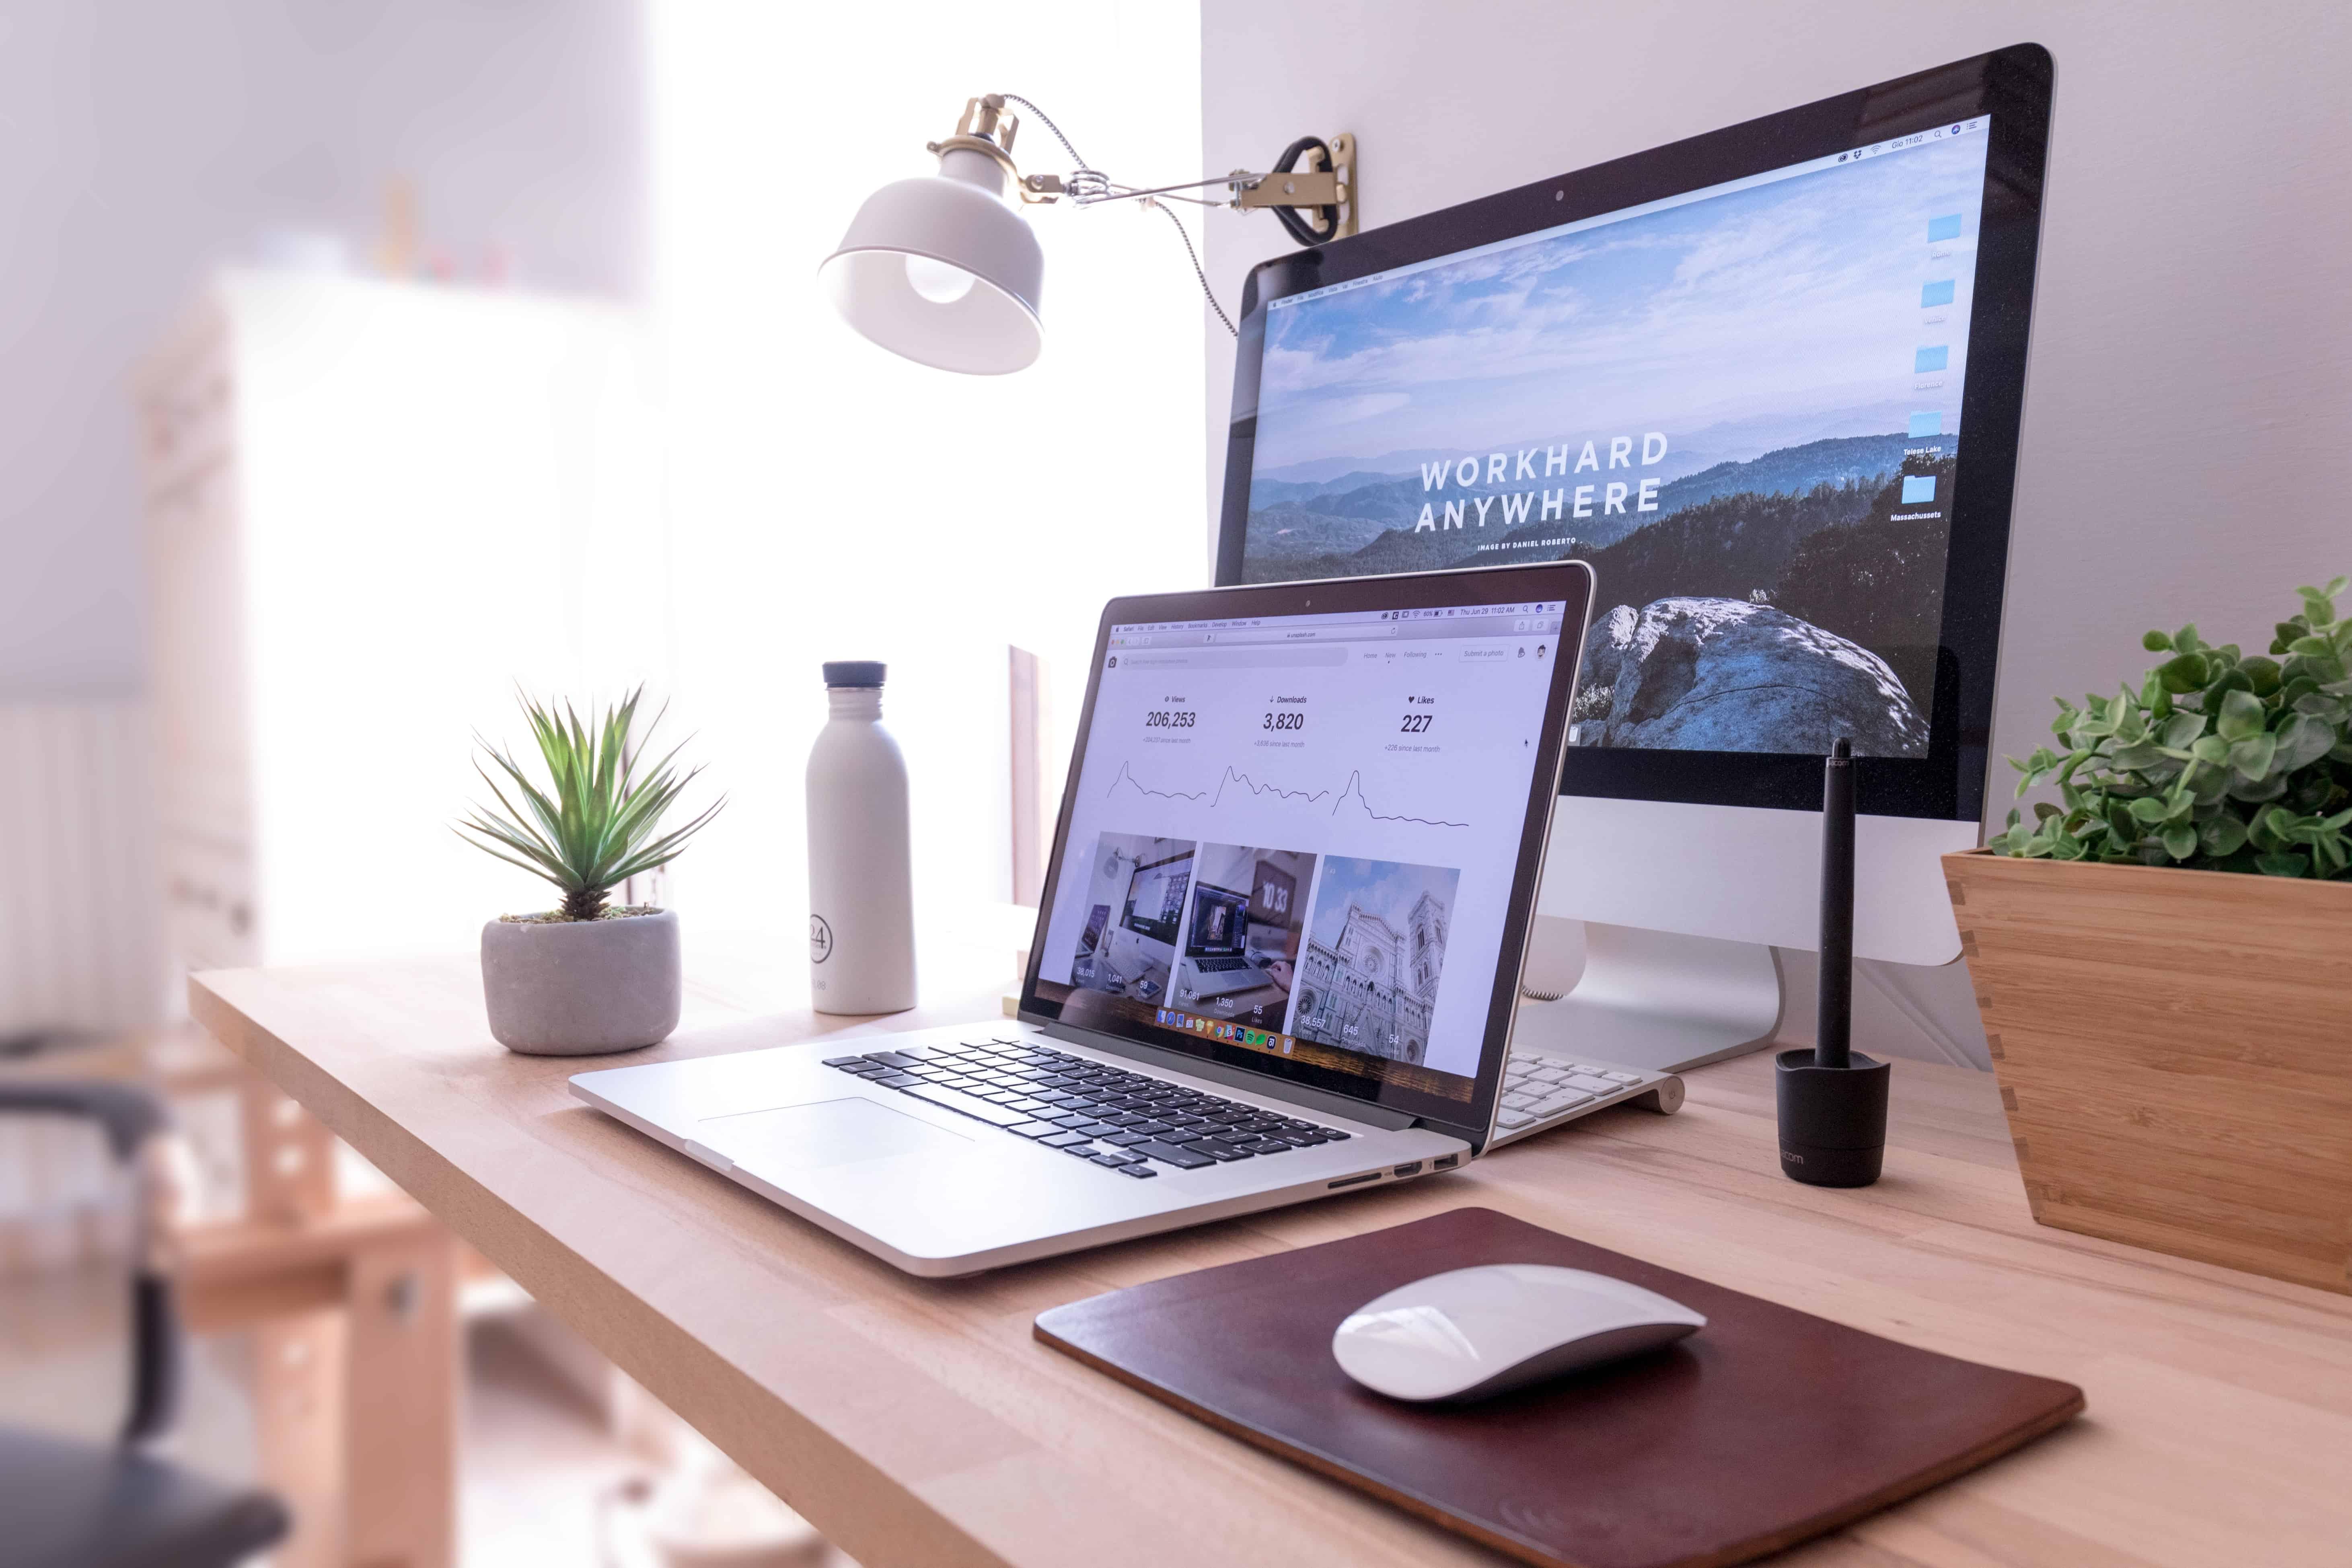 Schreibtischlampe: Test & Empfehlungen (01/20)